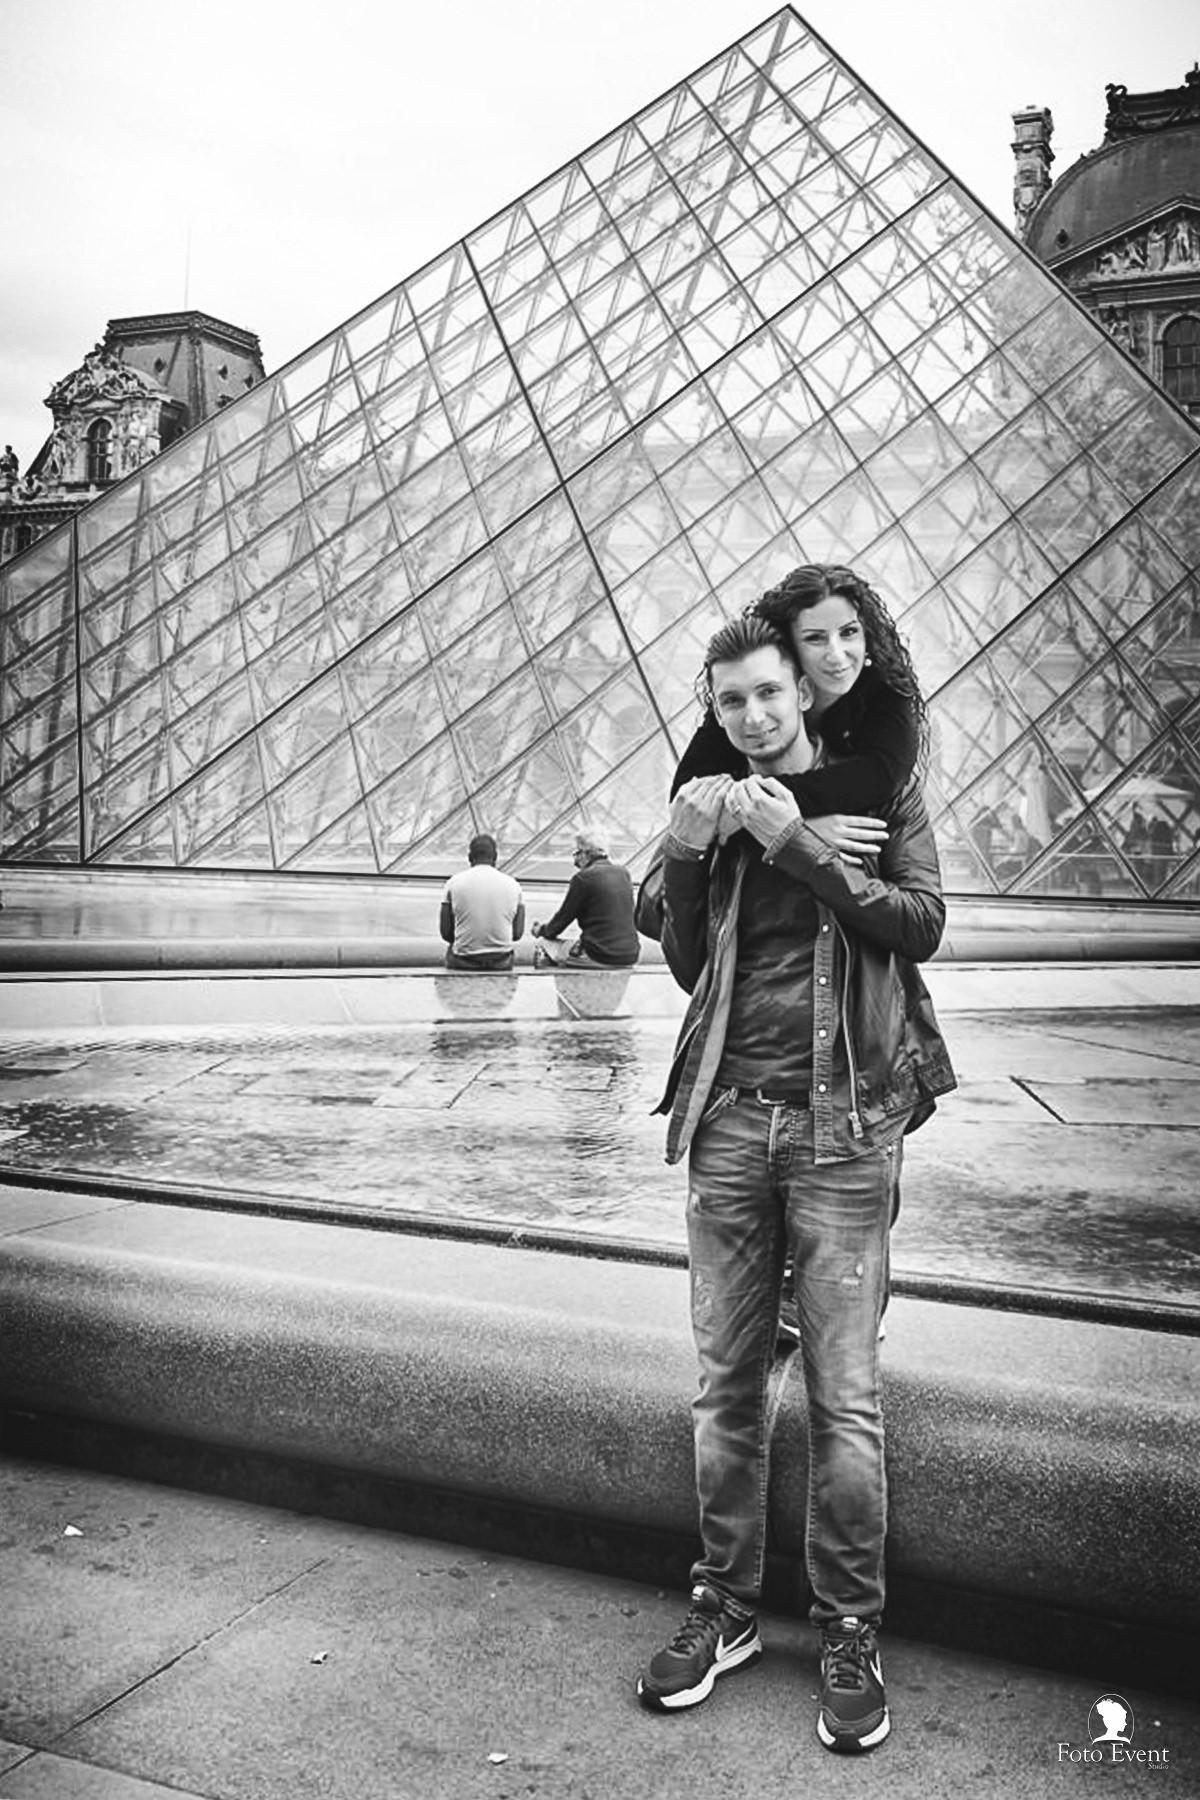 2016-06-11 Anteprima Parigi 224_CD